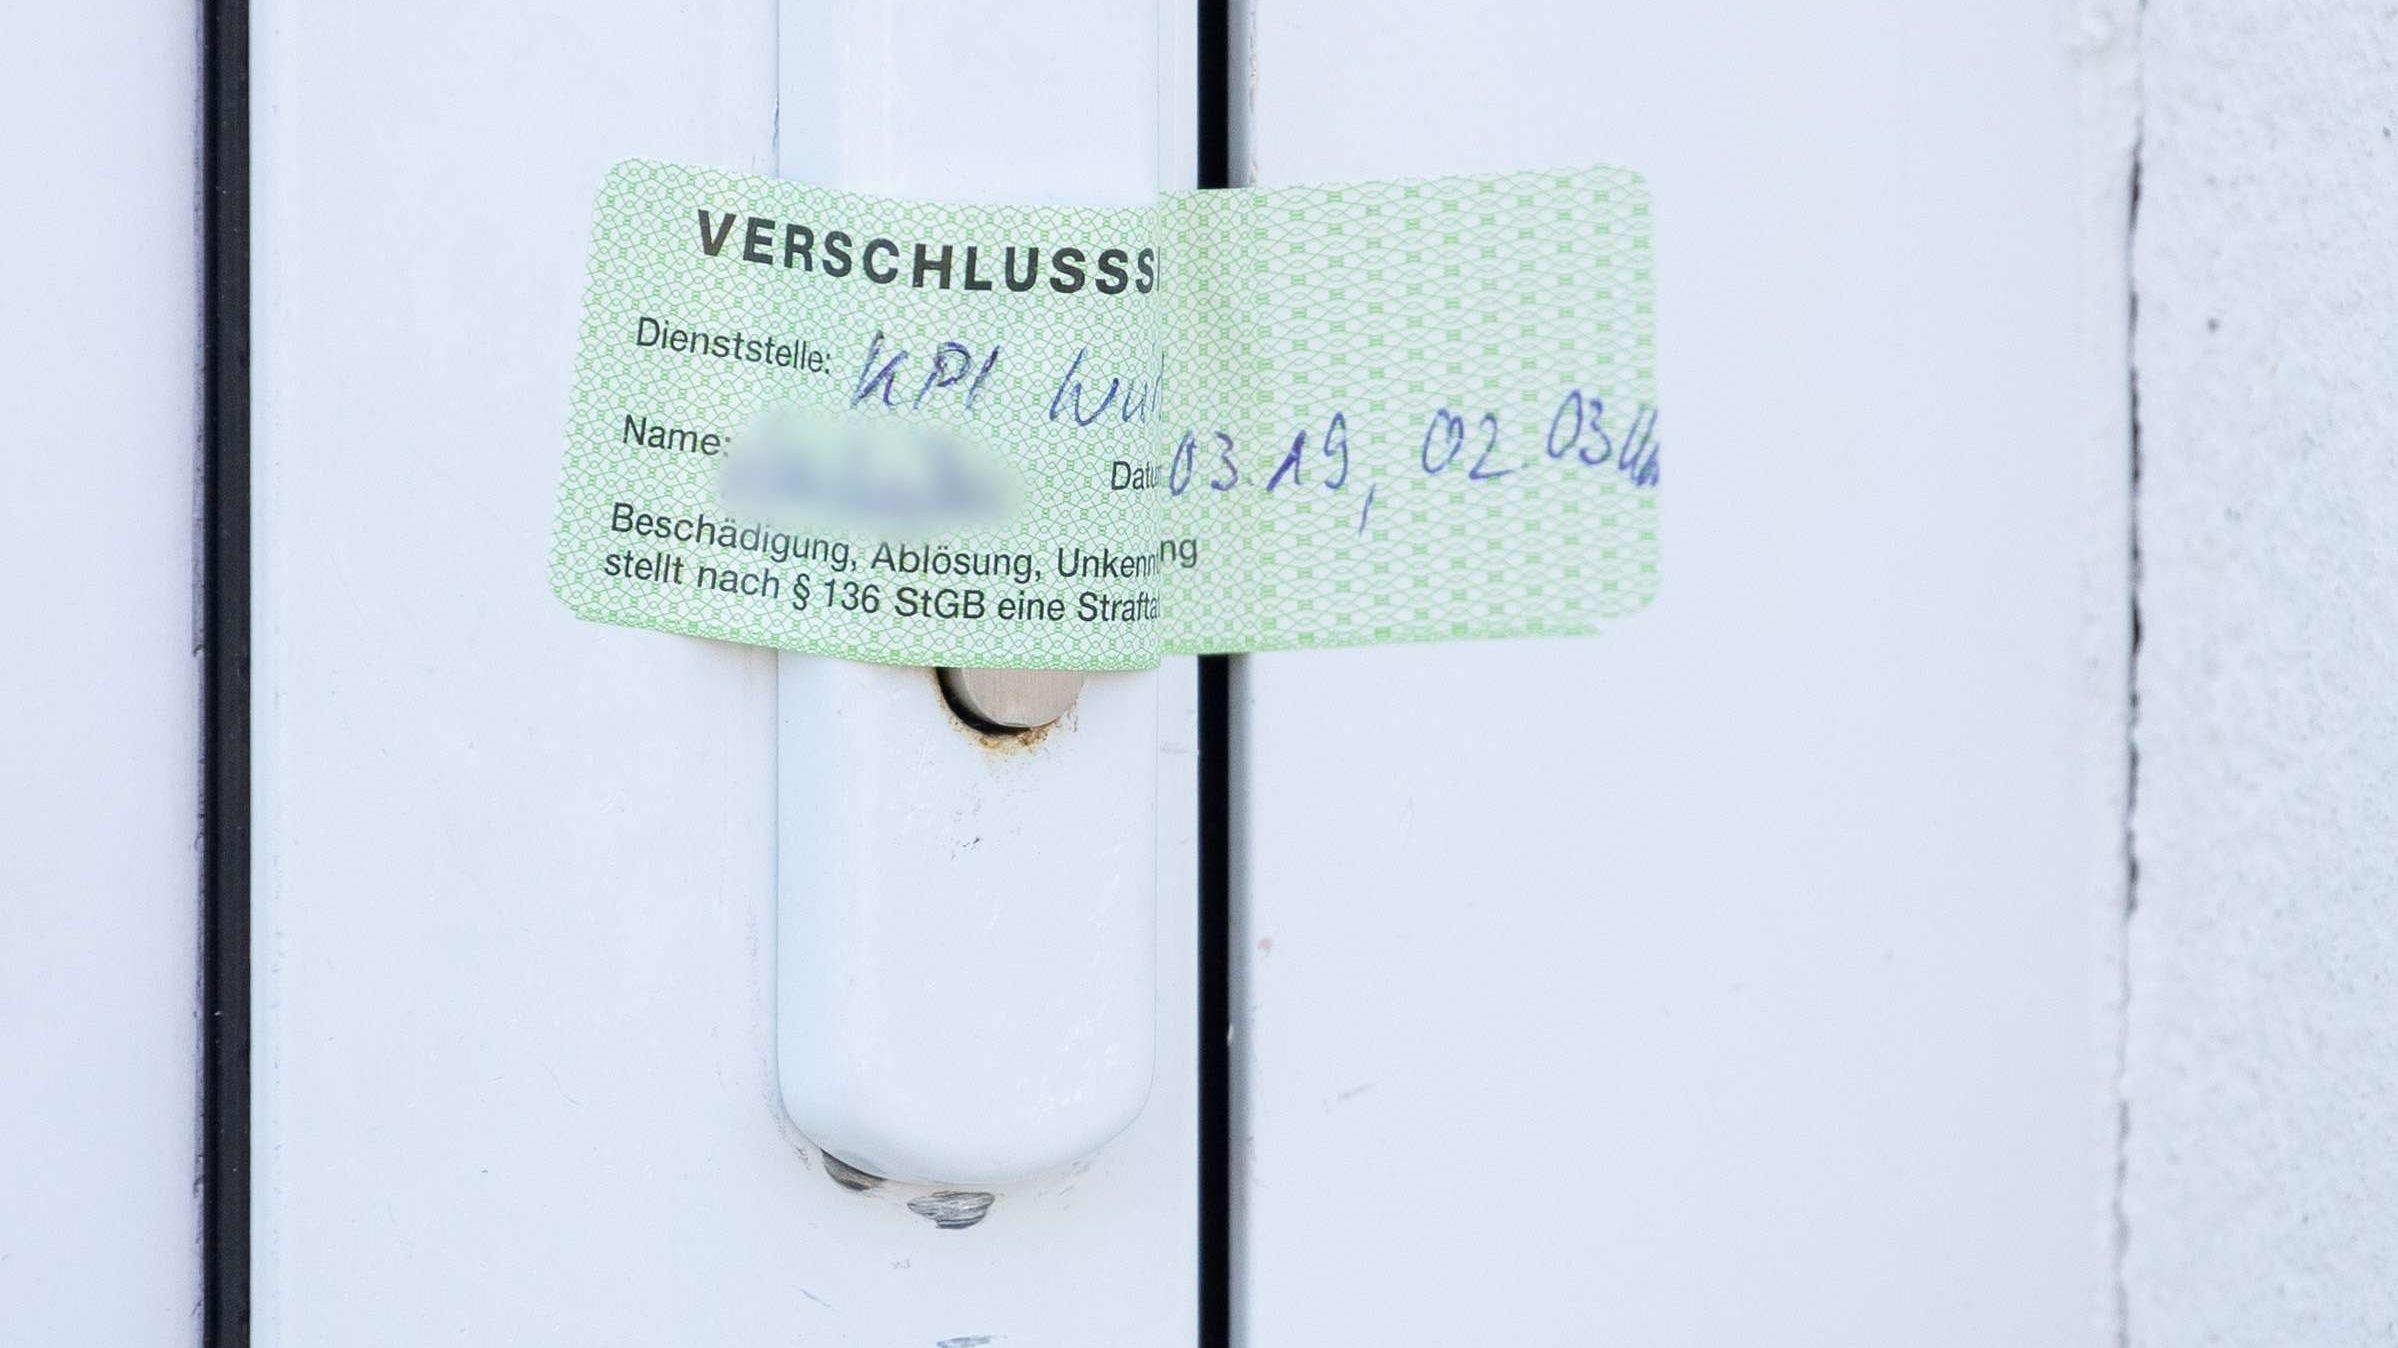 Ein Verschlusssiegel der Würzburger Polizei  auf die Tür eines Wohnhauses, das zuvor durchsucht wurde